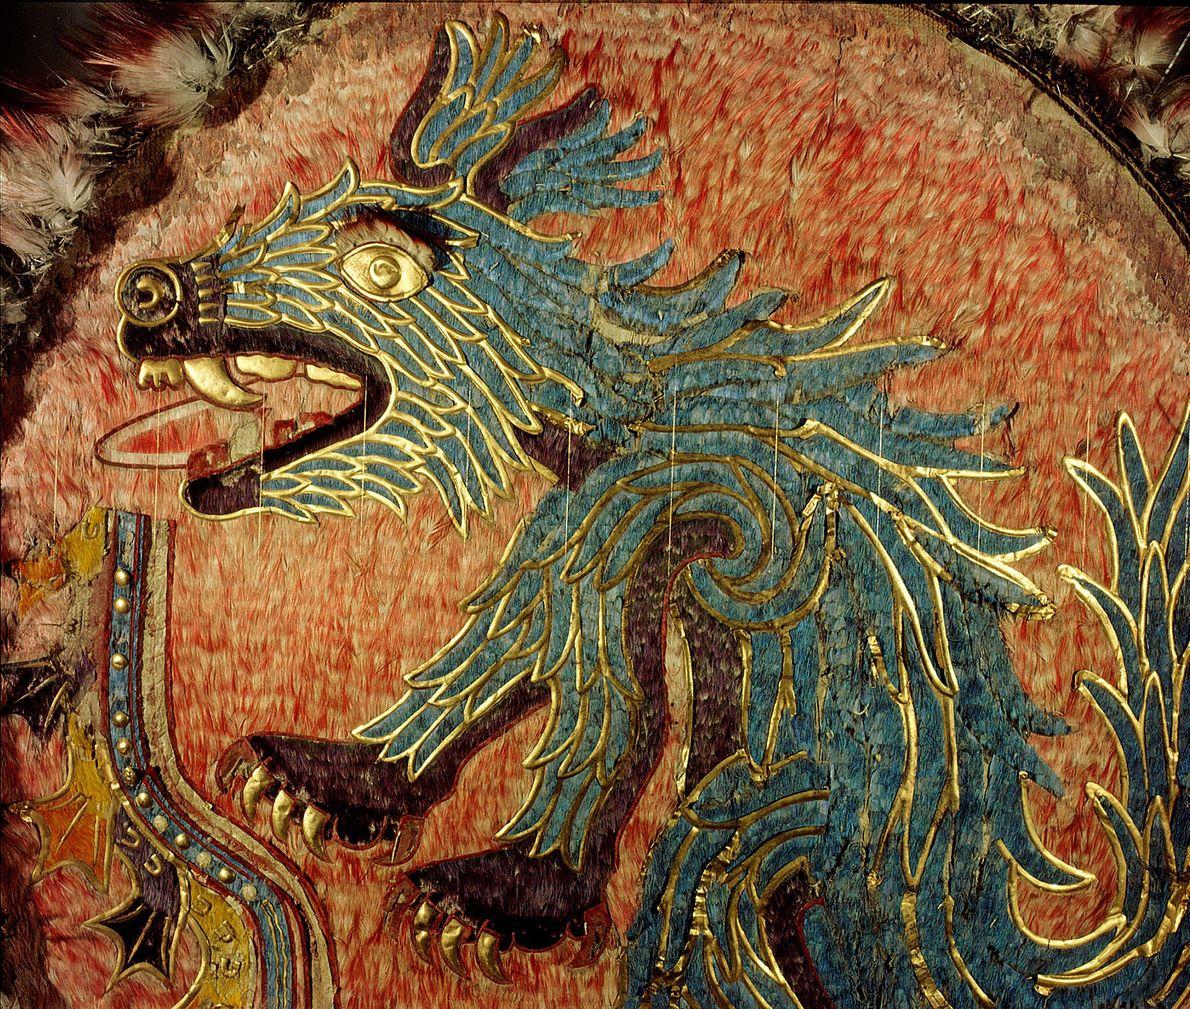 A criatura azul com uma faca na boca, que adorna esse escudo cerimonial feito de penas, ...